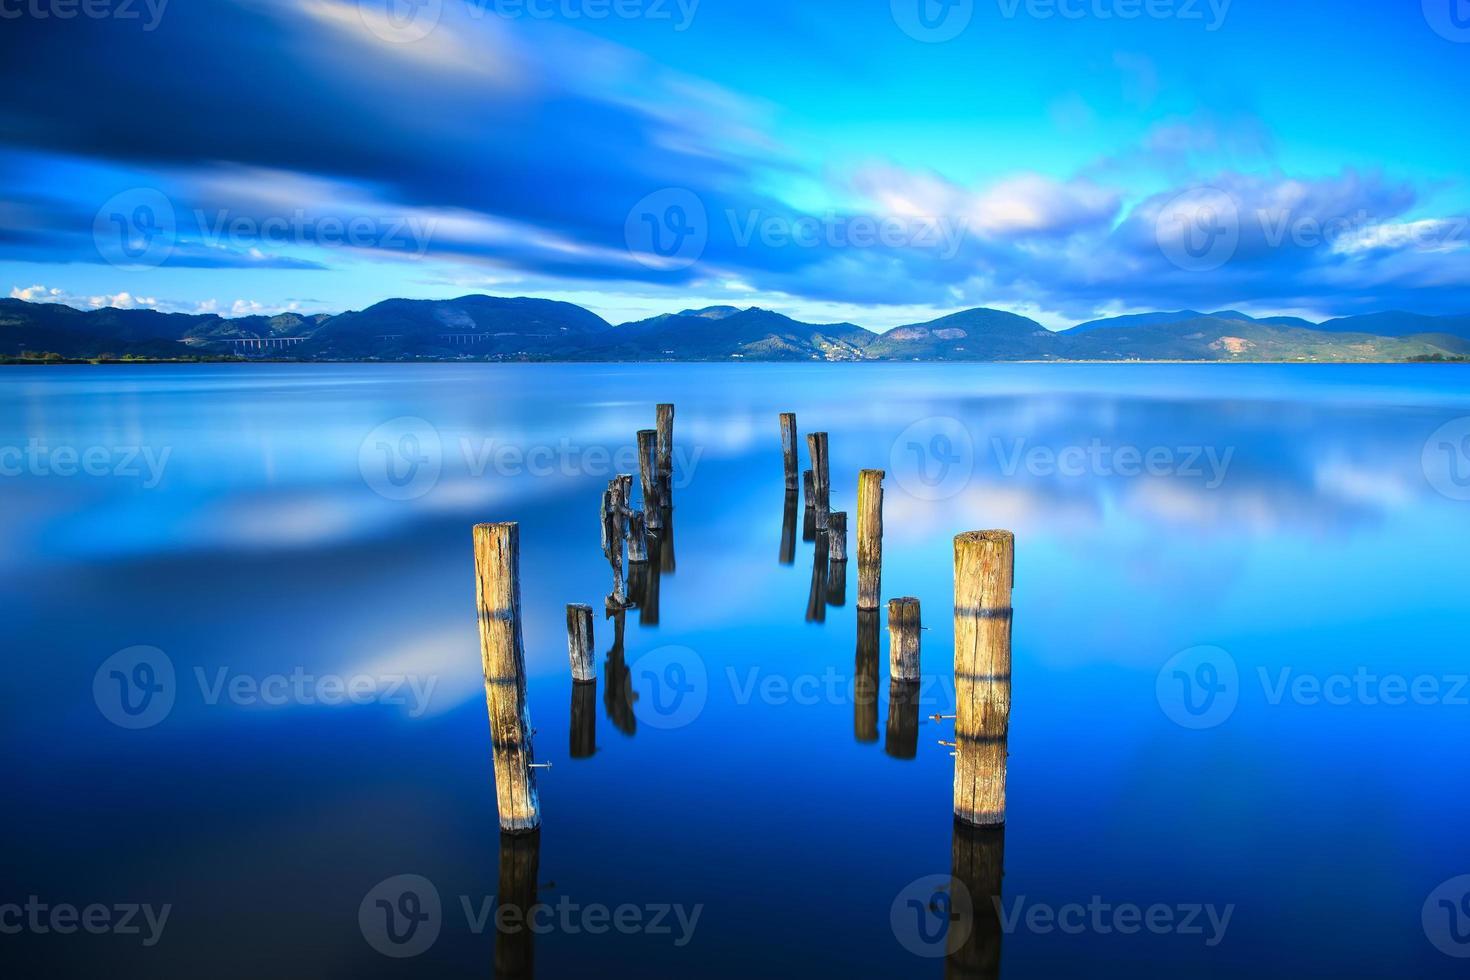 Holz Pier, Steg bleibt auf einem blauen See Sonnenuntergang, Himmel foto